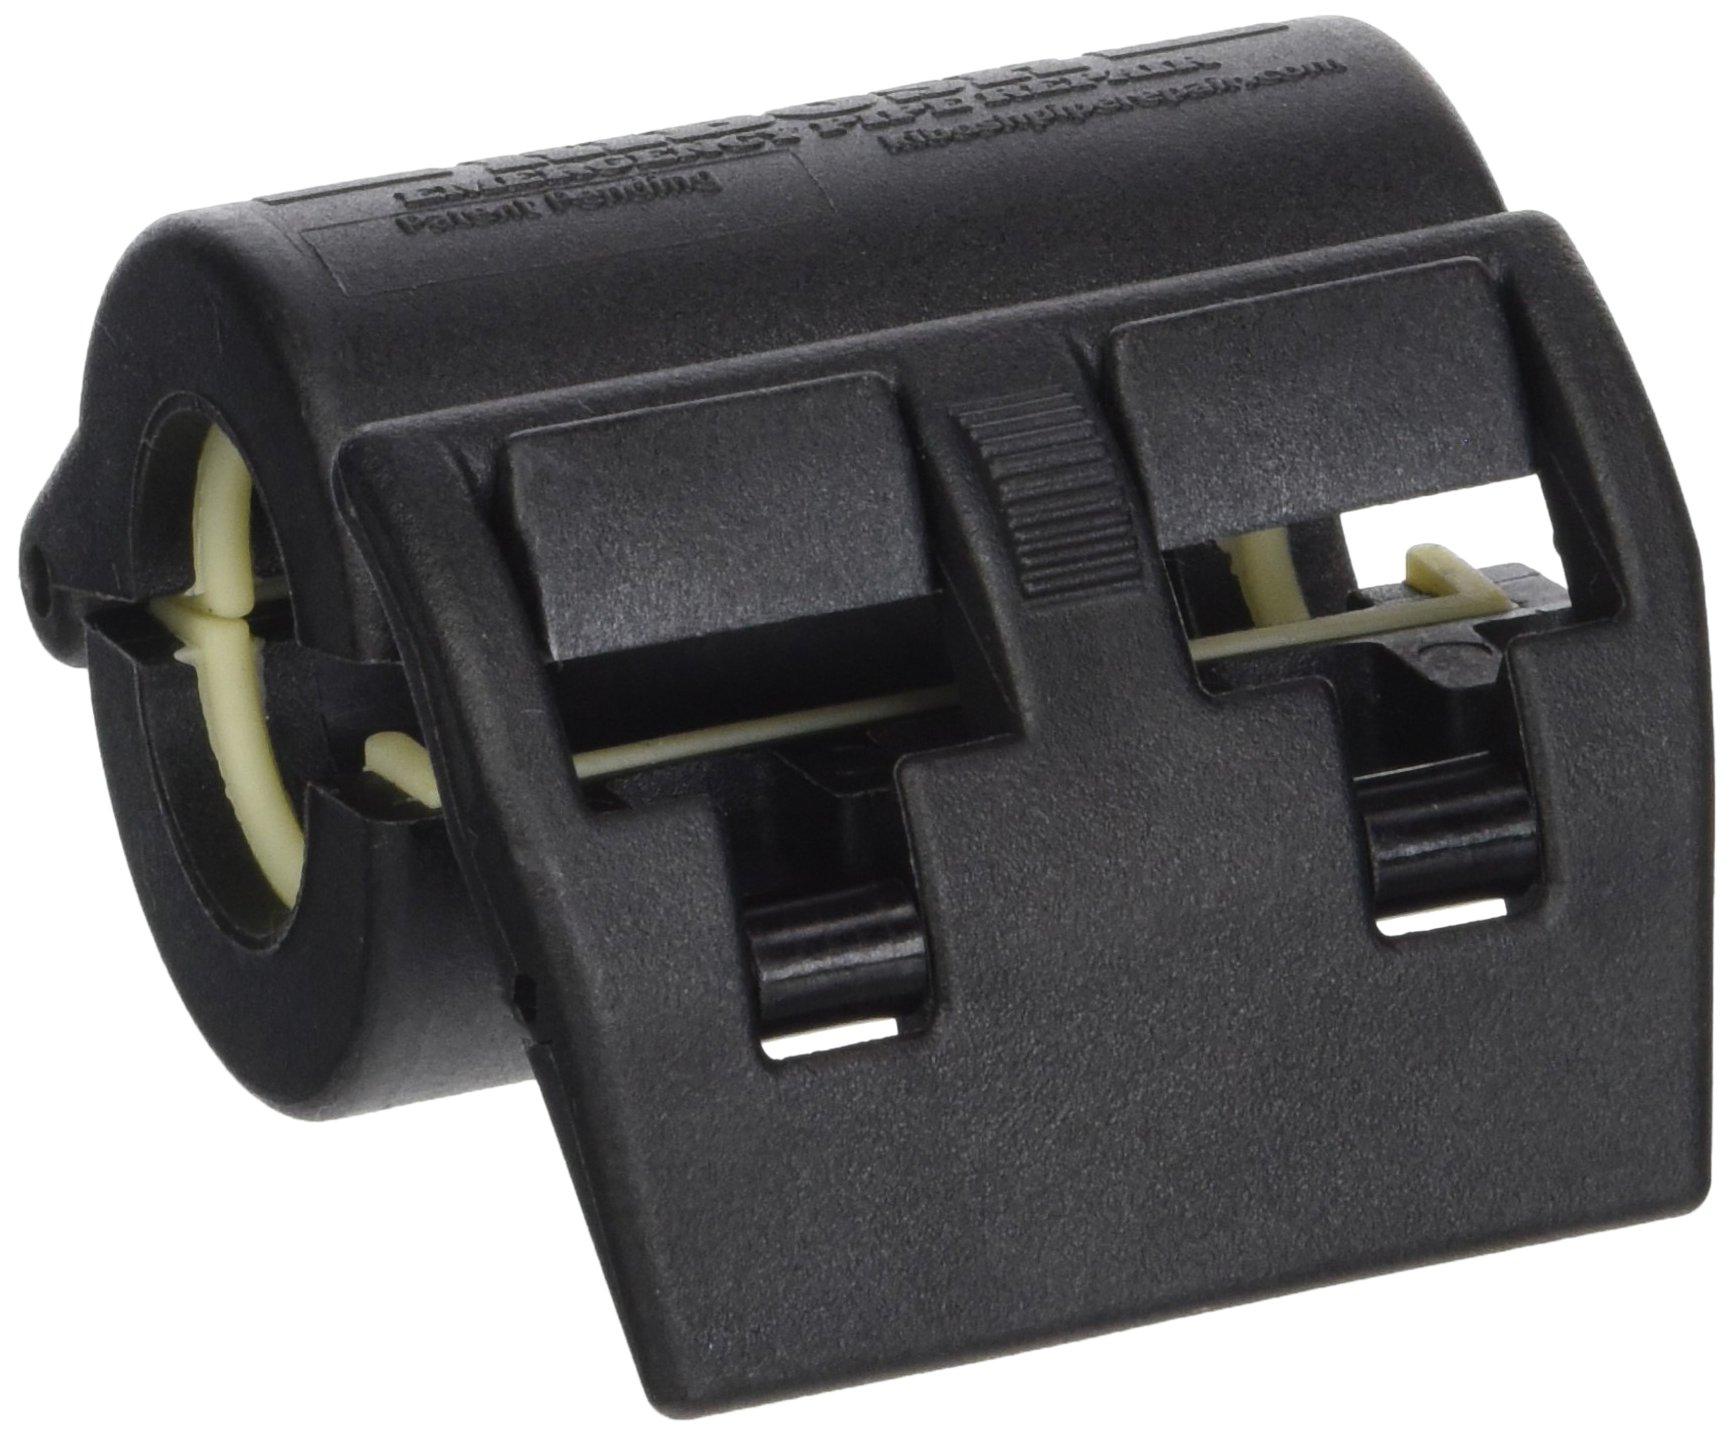 Rothenberger 80012 Kibosh Pipe Repair Tool, 3/4''